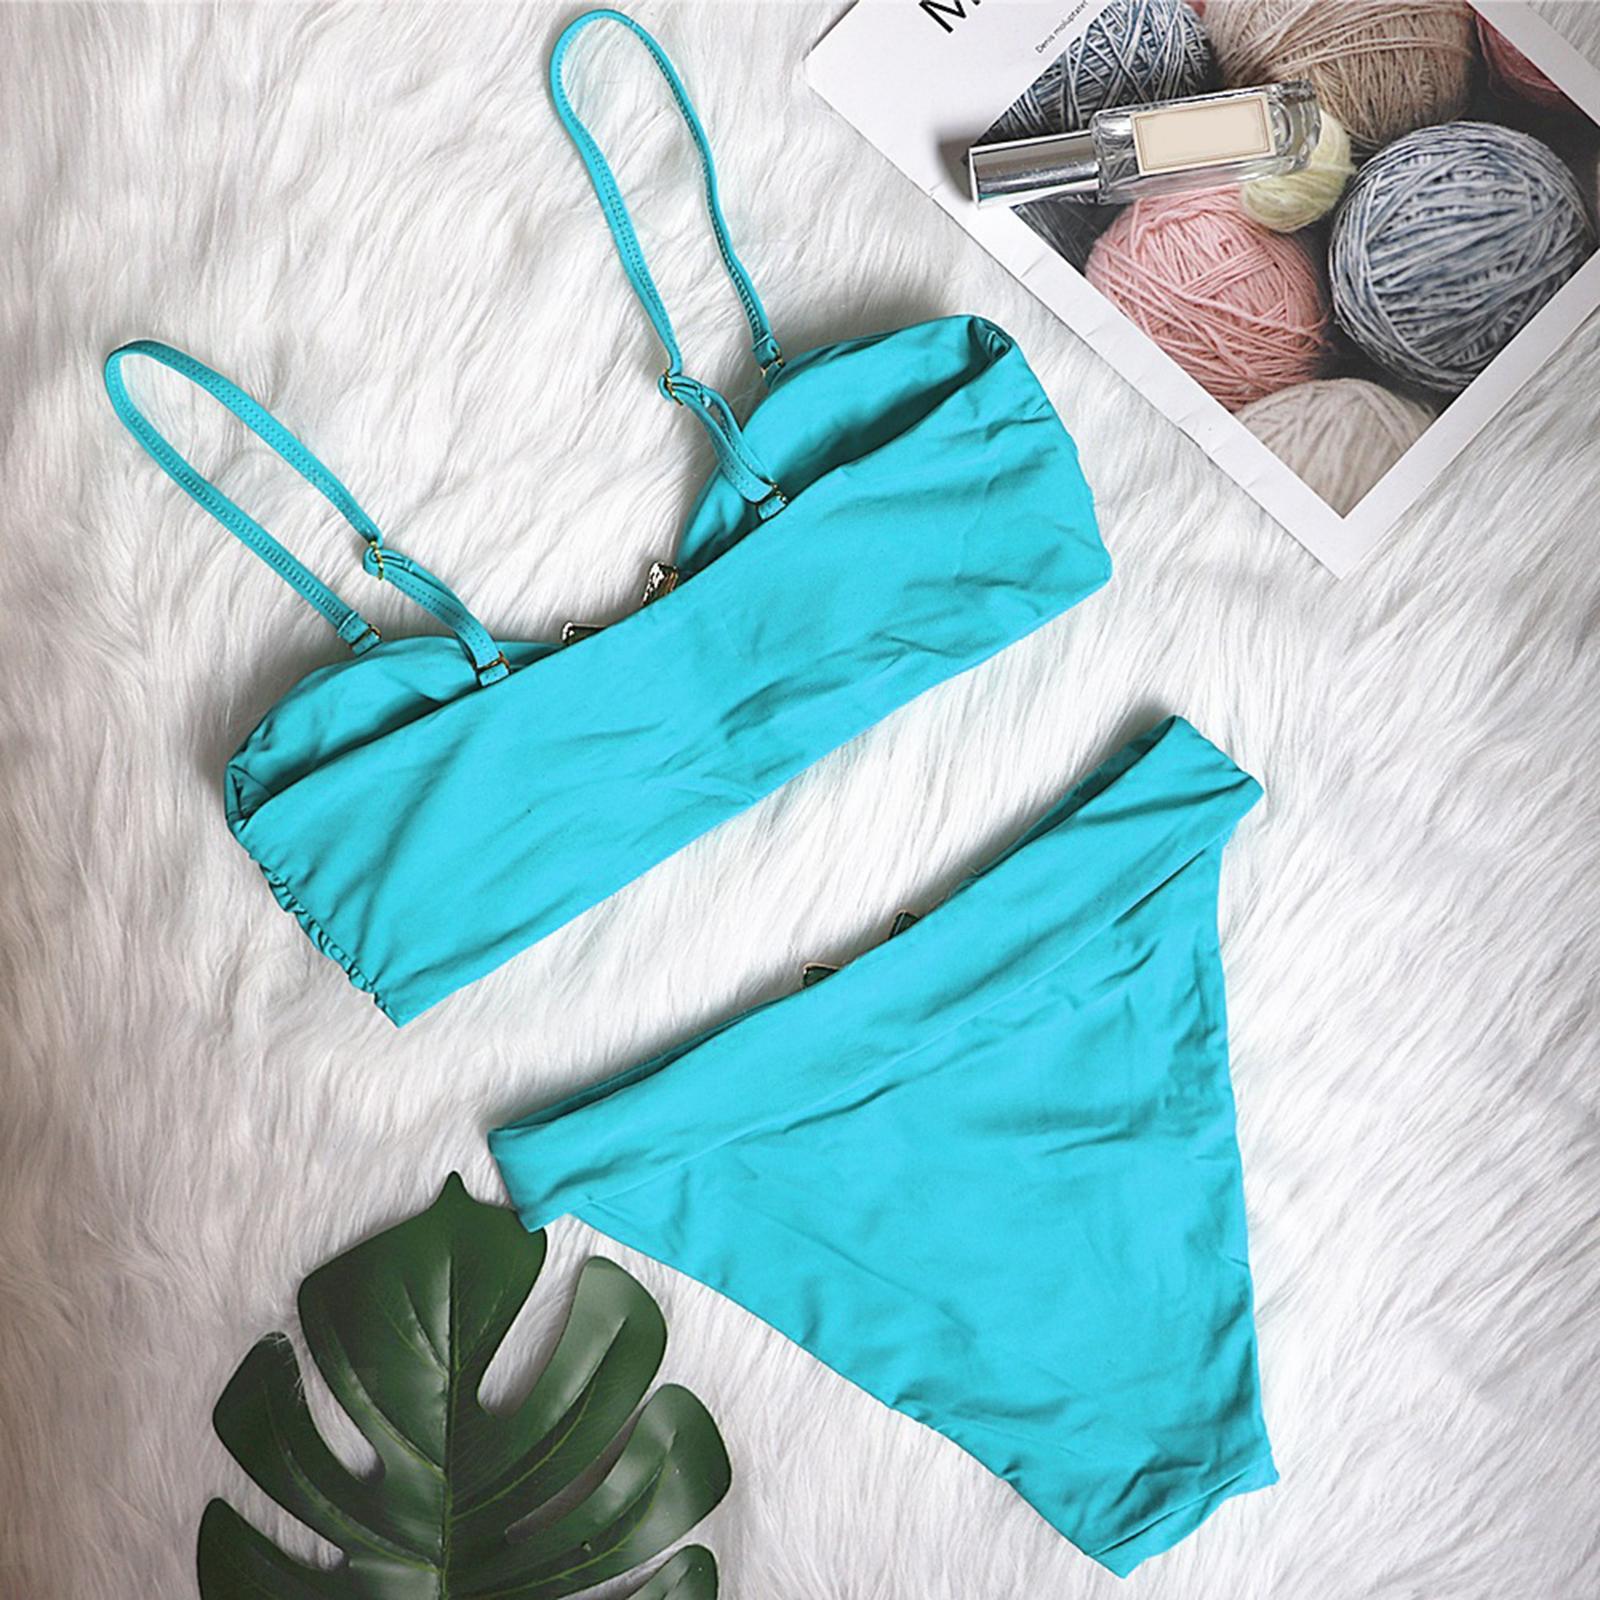 Indexbild 125 - Zwei Stücke Bikini Set Strappy Bademode Party Badeanzug Tankini Bademode